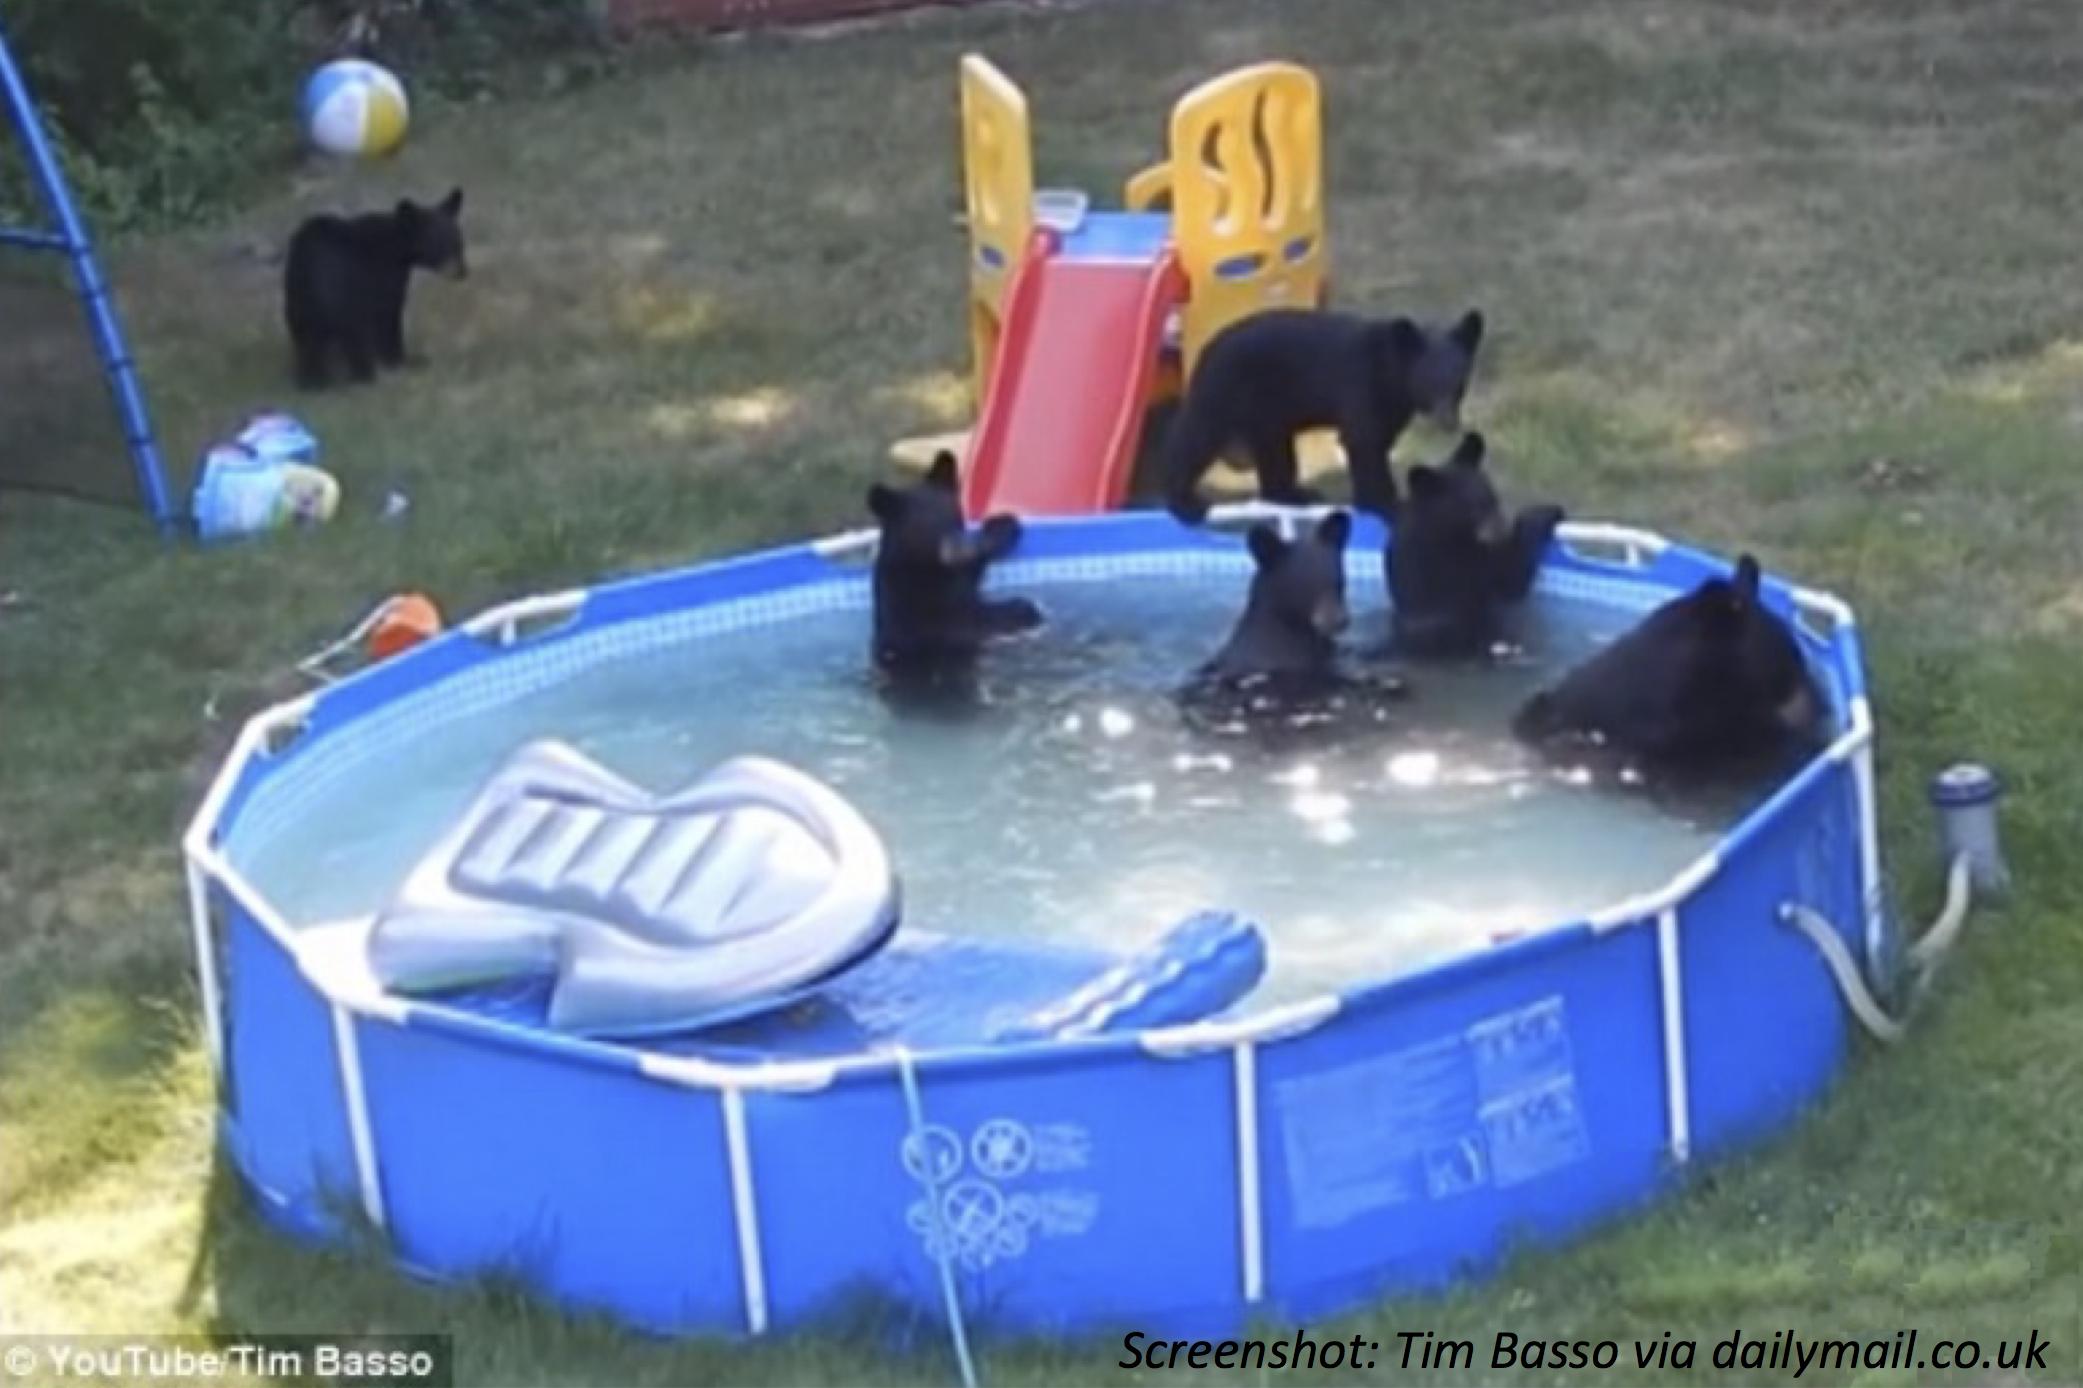 Bears in the Backyard Pool